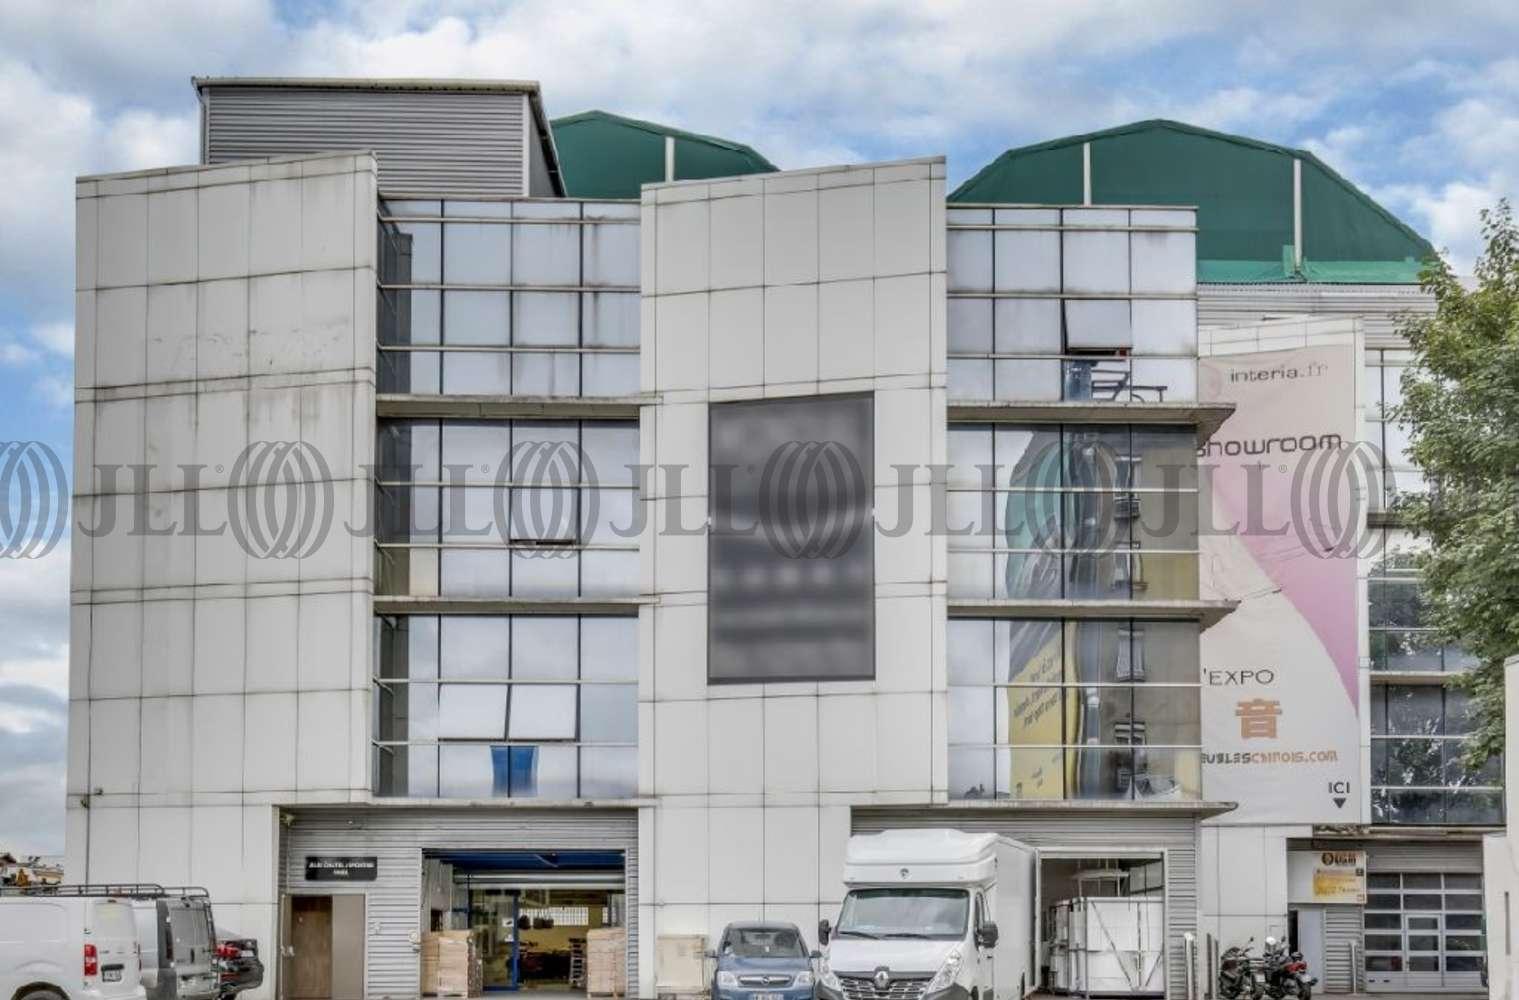 Activités/entrepôt La plaine st denis, 93210 - 68 AVENUE DU PRESIDENT WILSON - 10067592